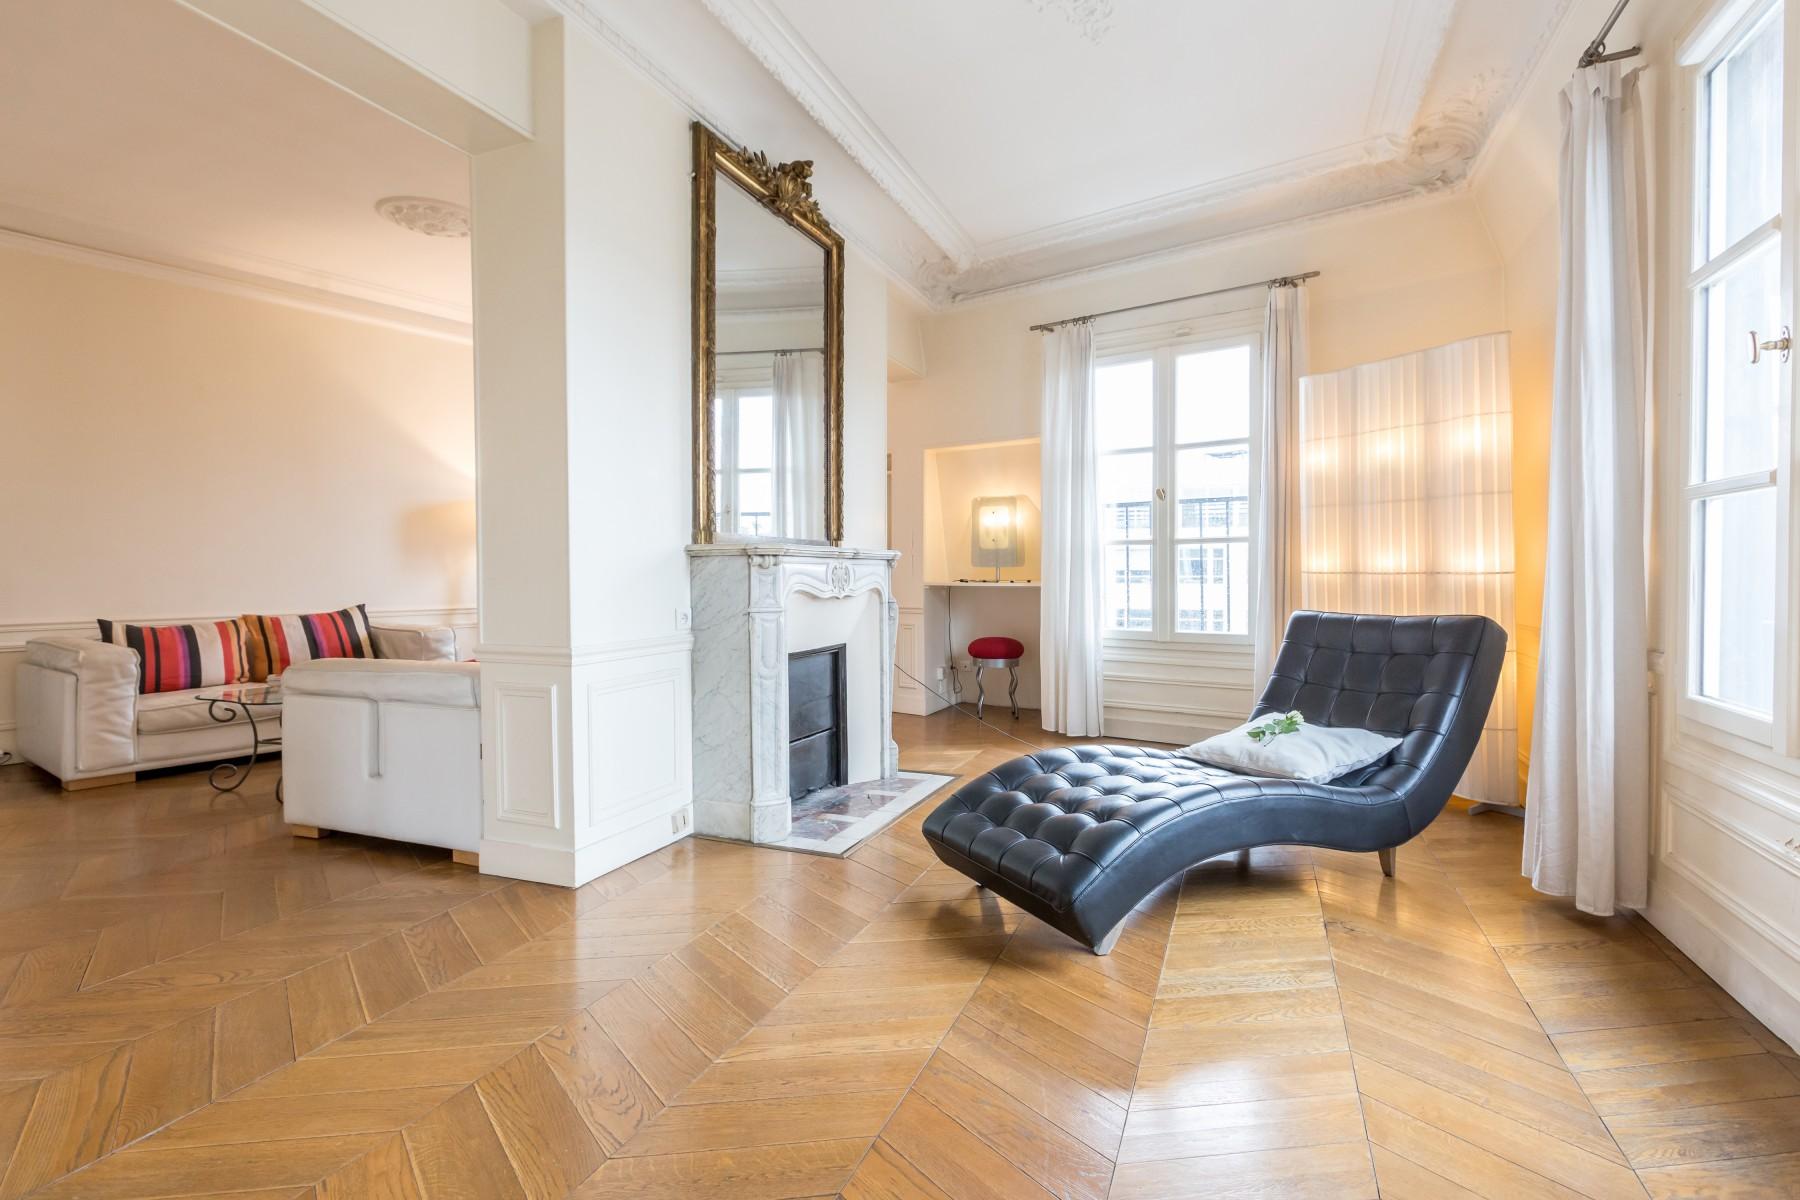 appartements a paris montorgueil bourse duplex 3. Black Bedroom Furniture Sets. Home Design Ideas